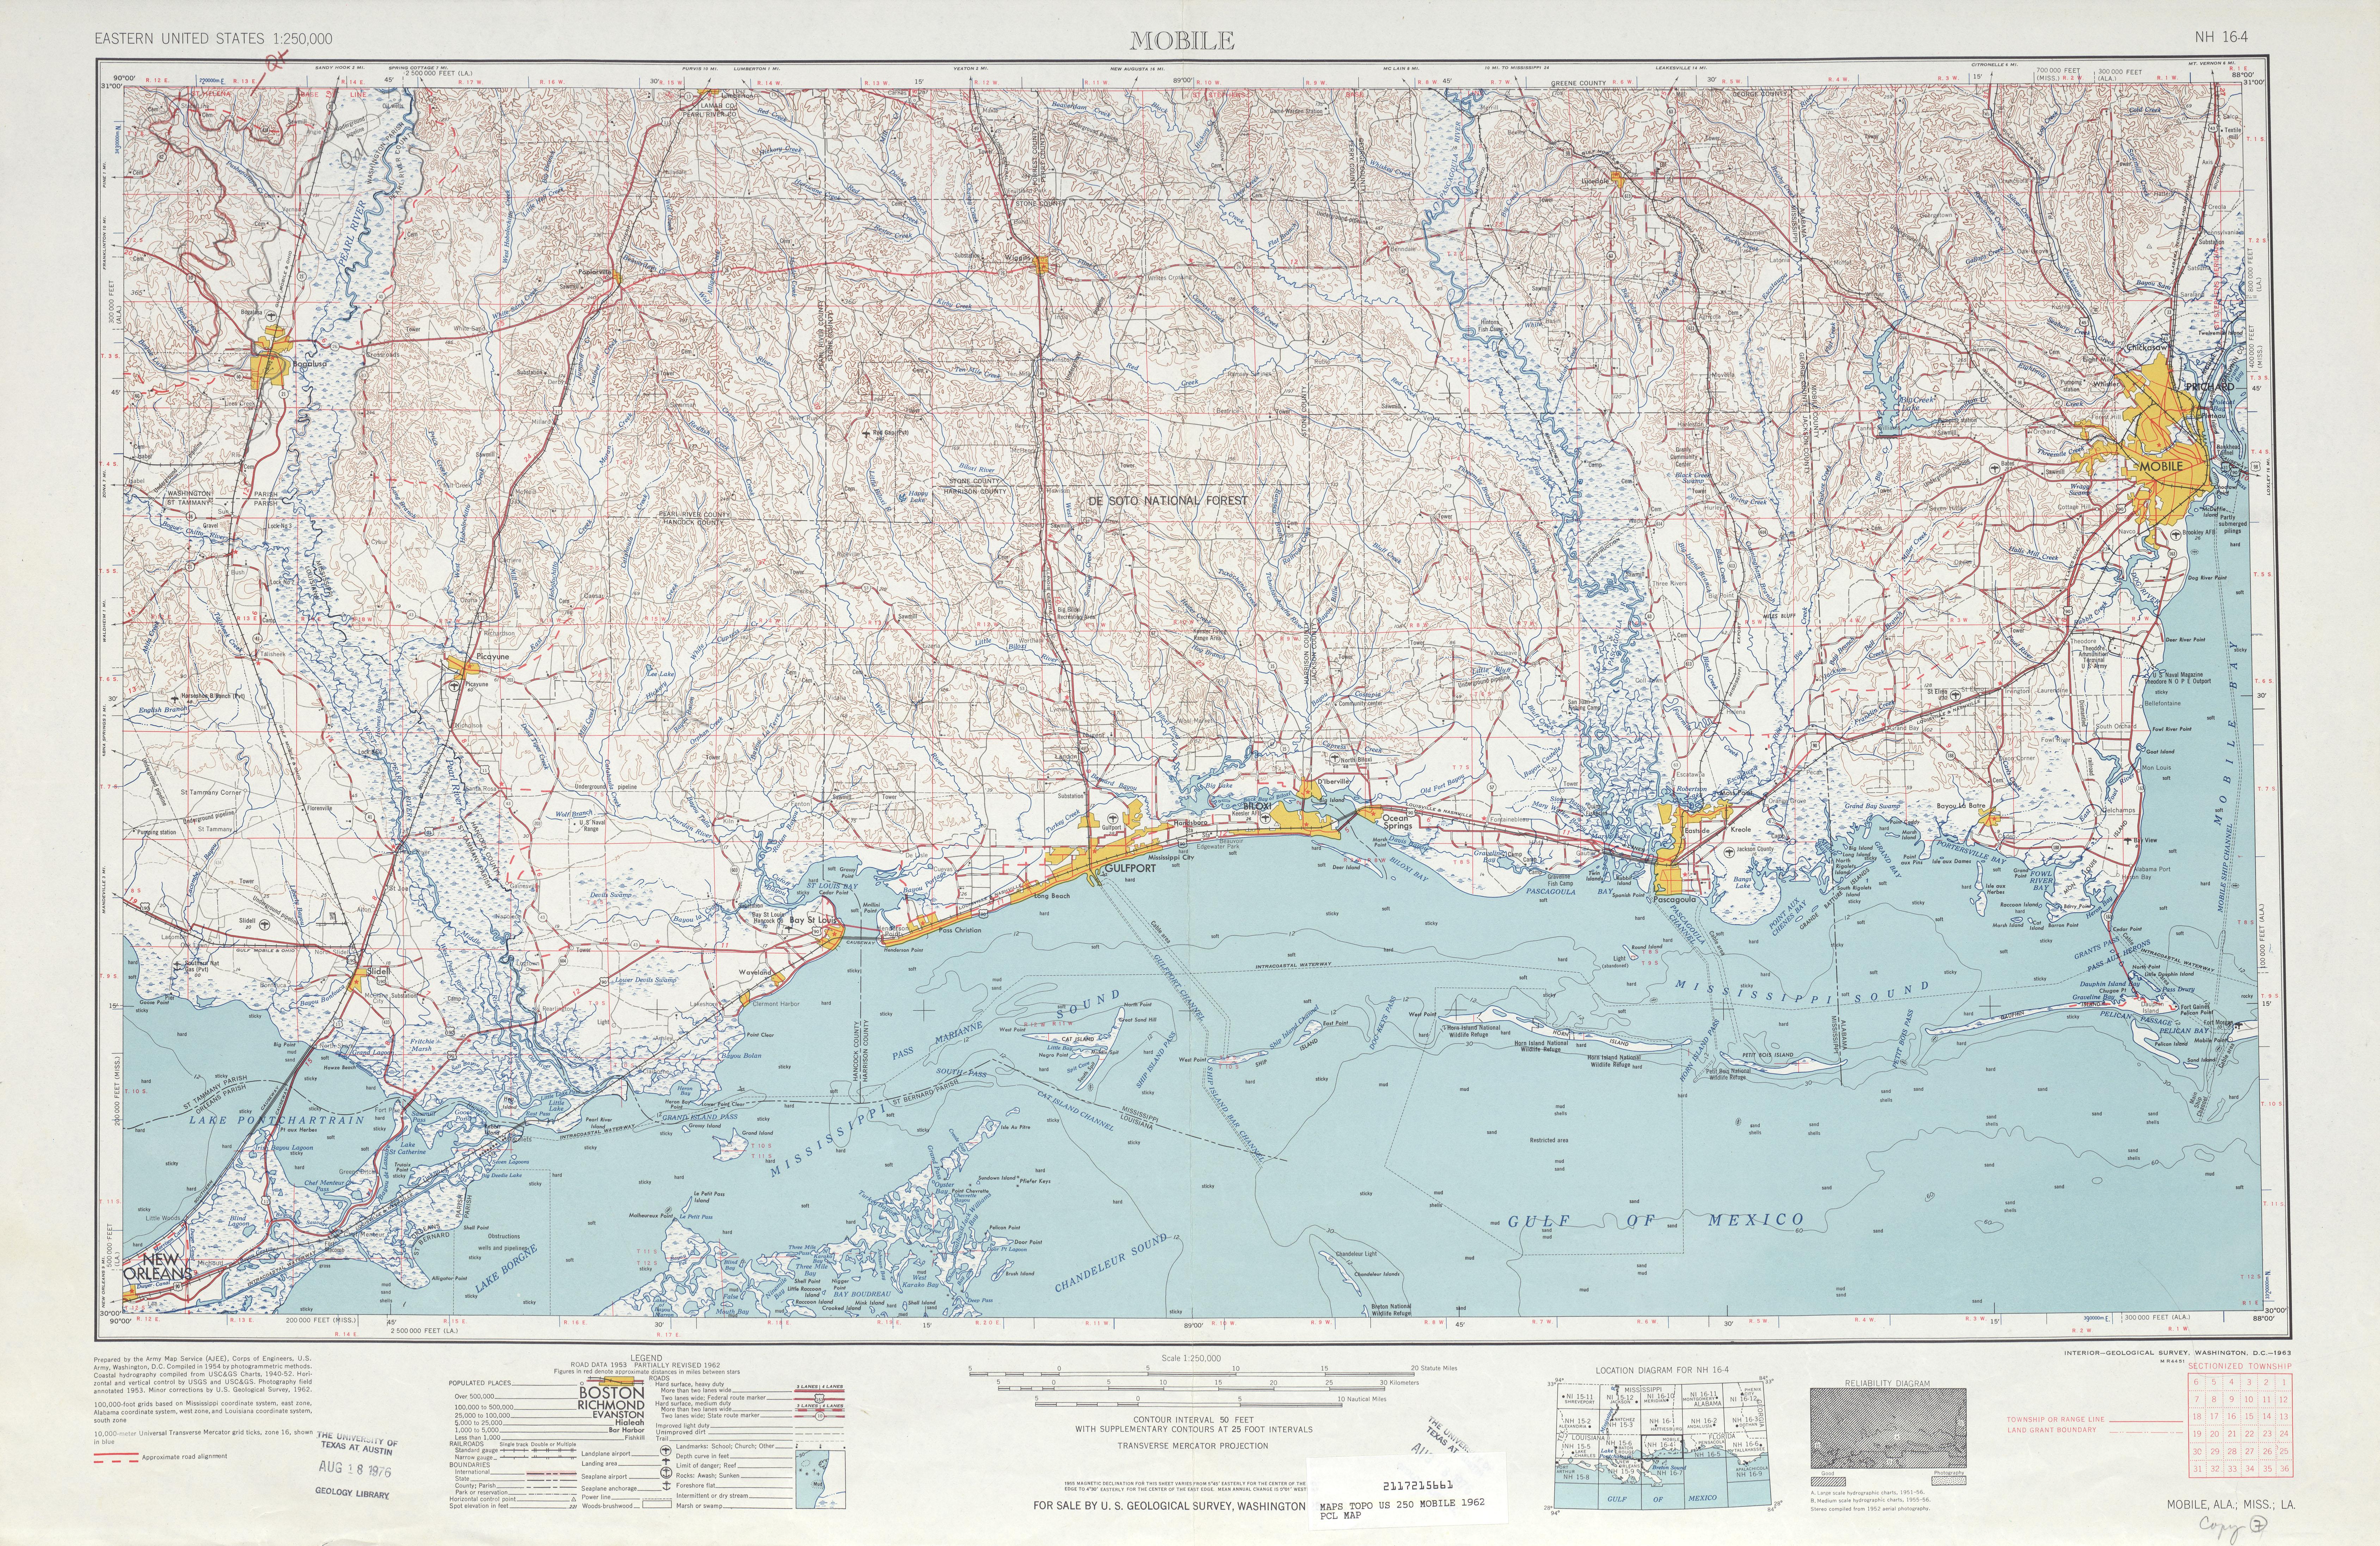 Hoja Mobile del Mapa Topográfico de los Estados Unidos 1962